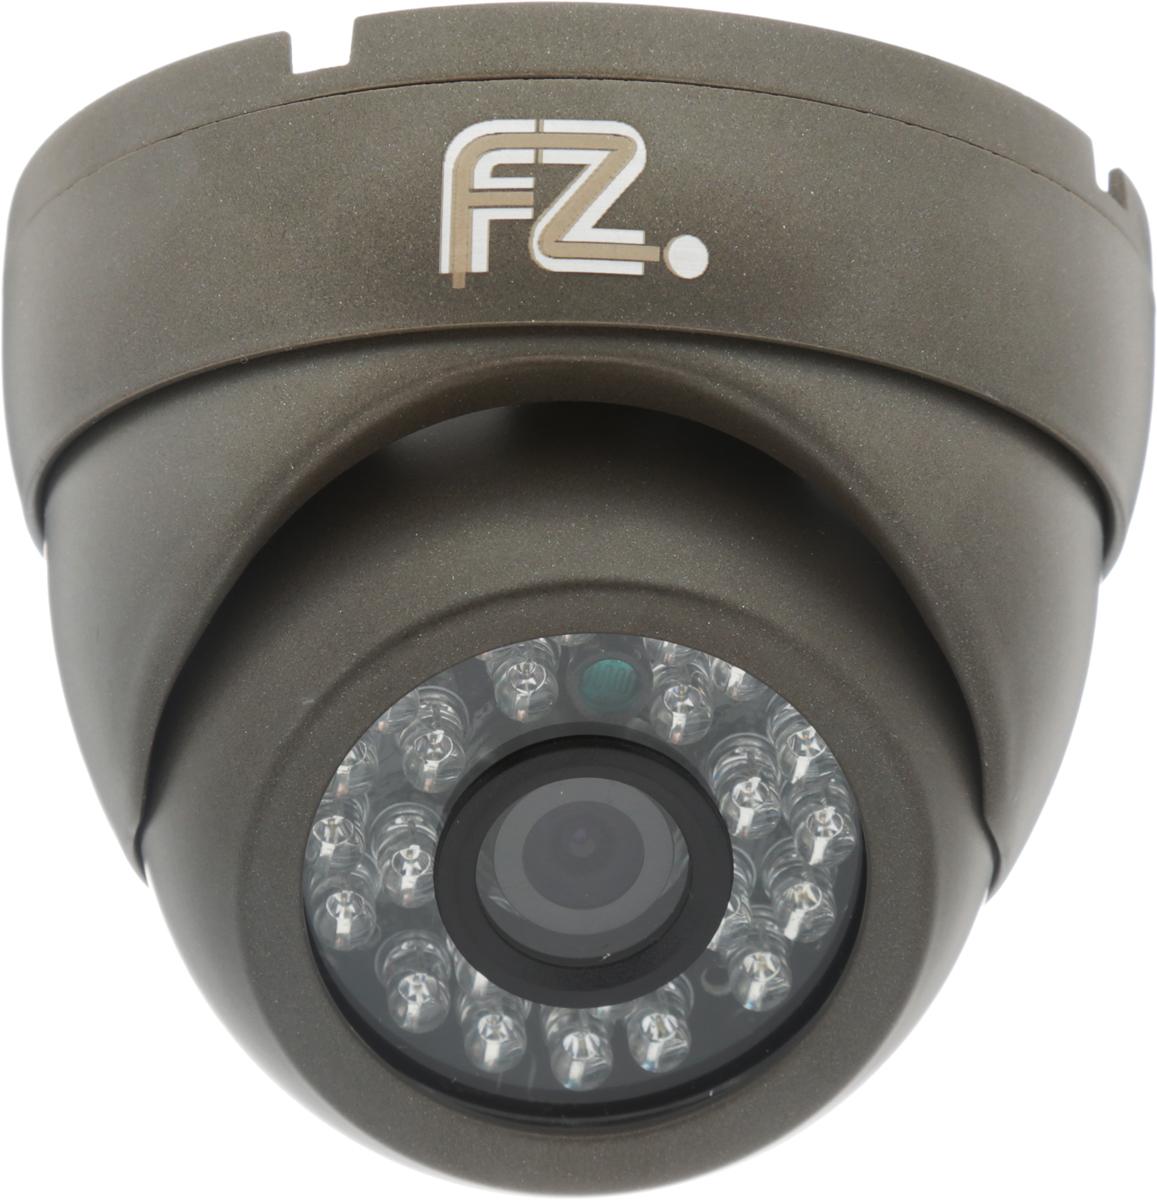 Fazera FZ-DIR24-720 камера видеонаблюдения - Камеры видеонаблюдения